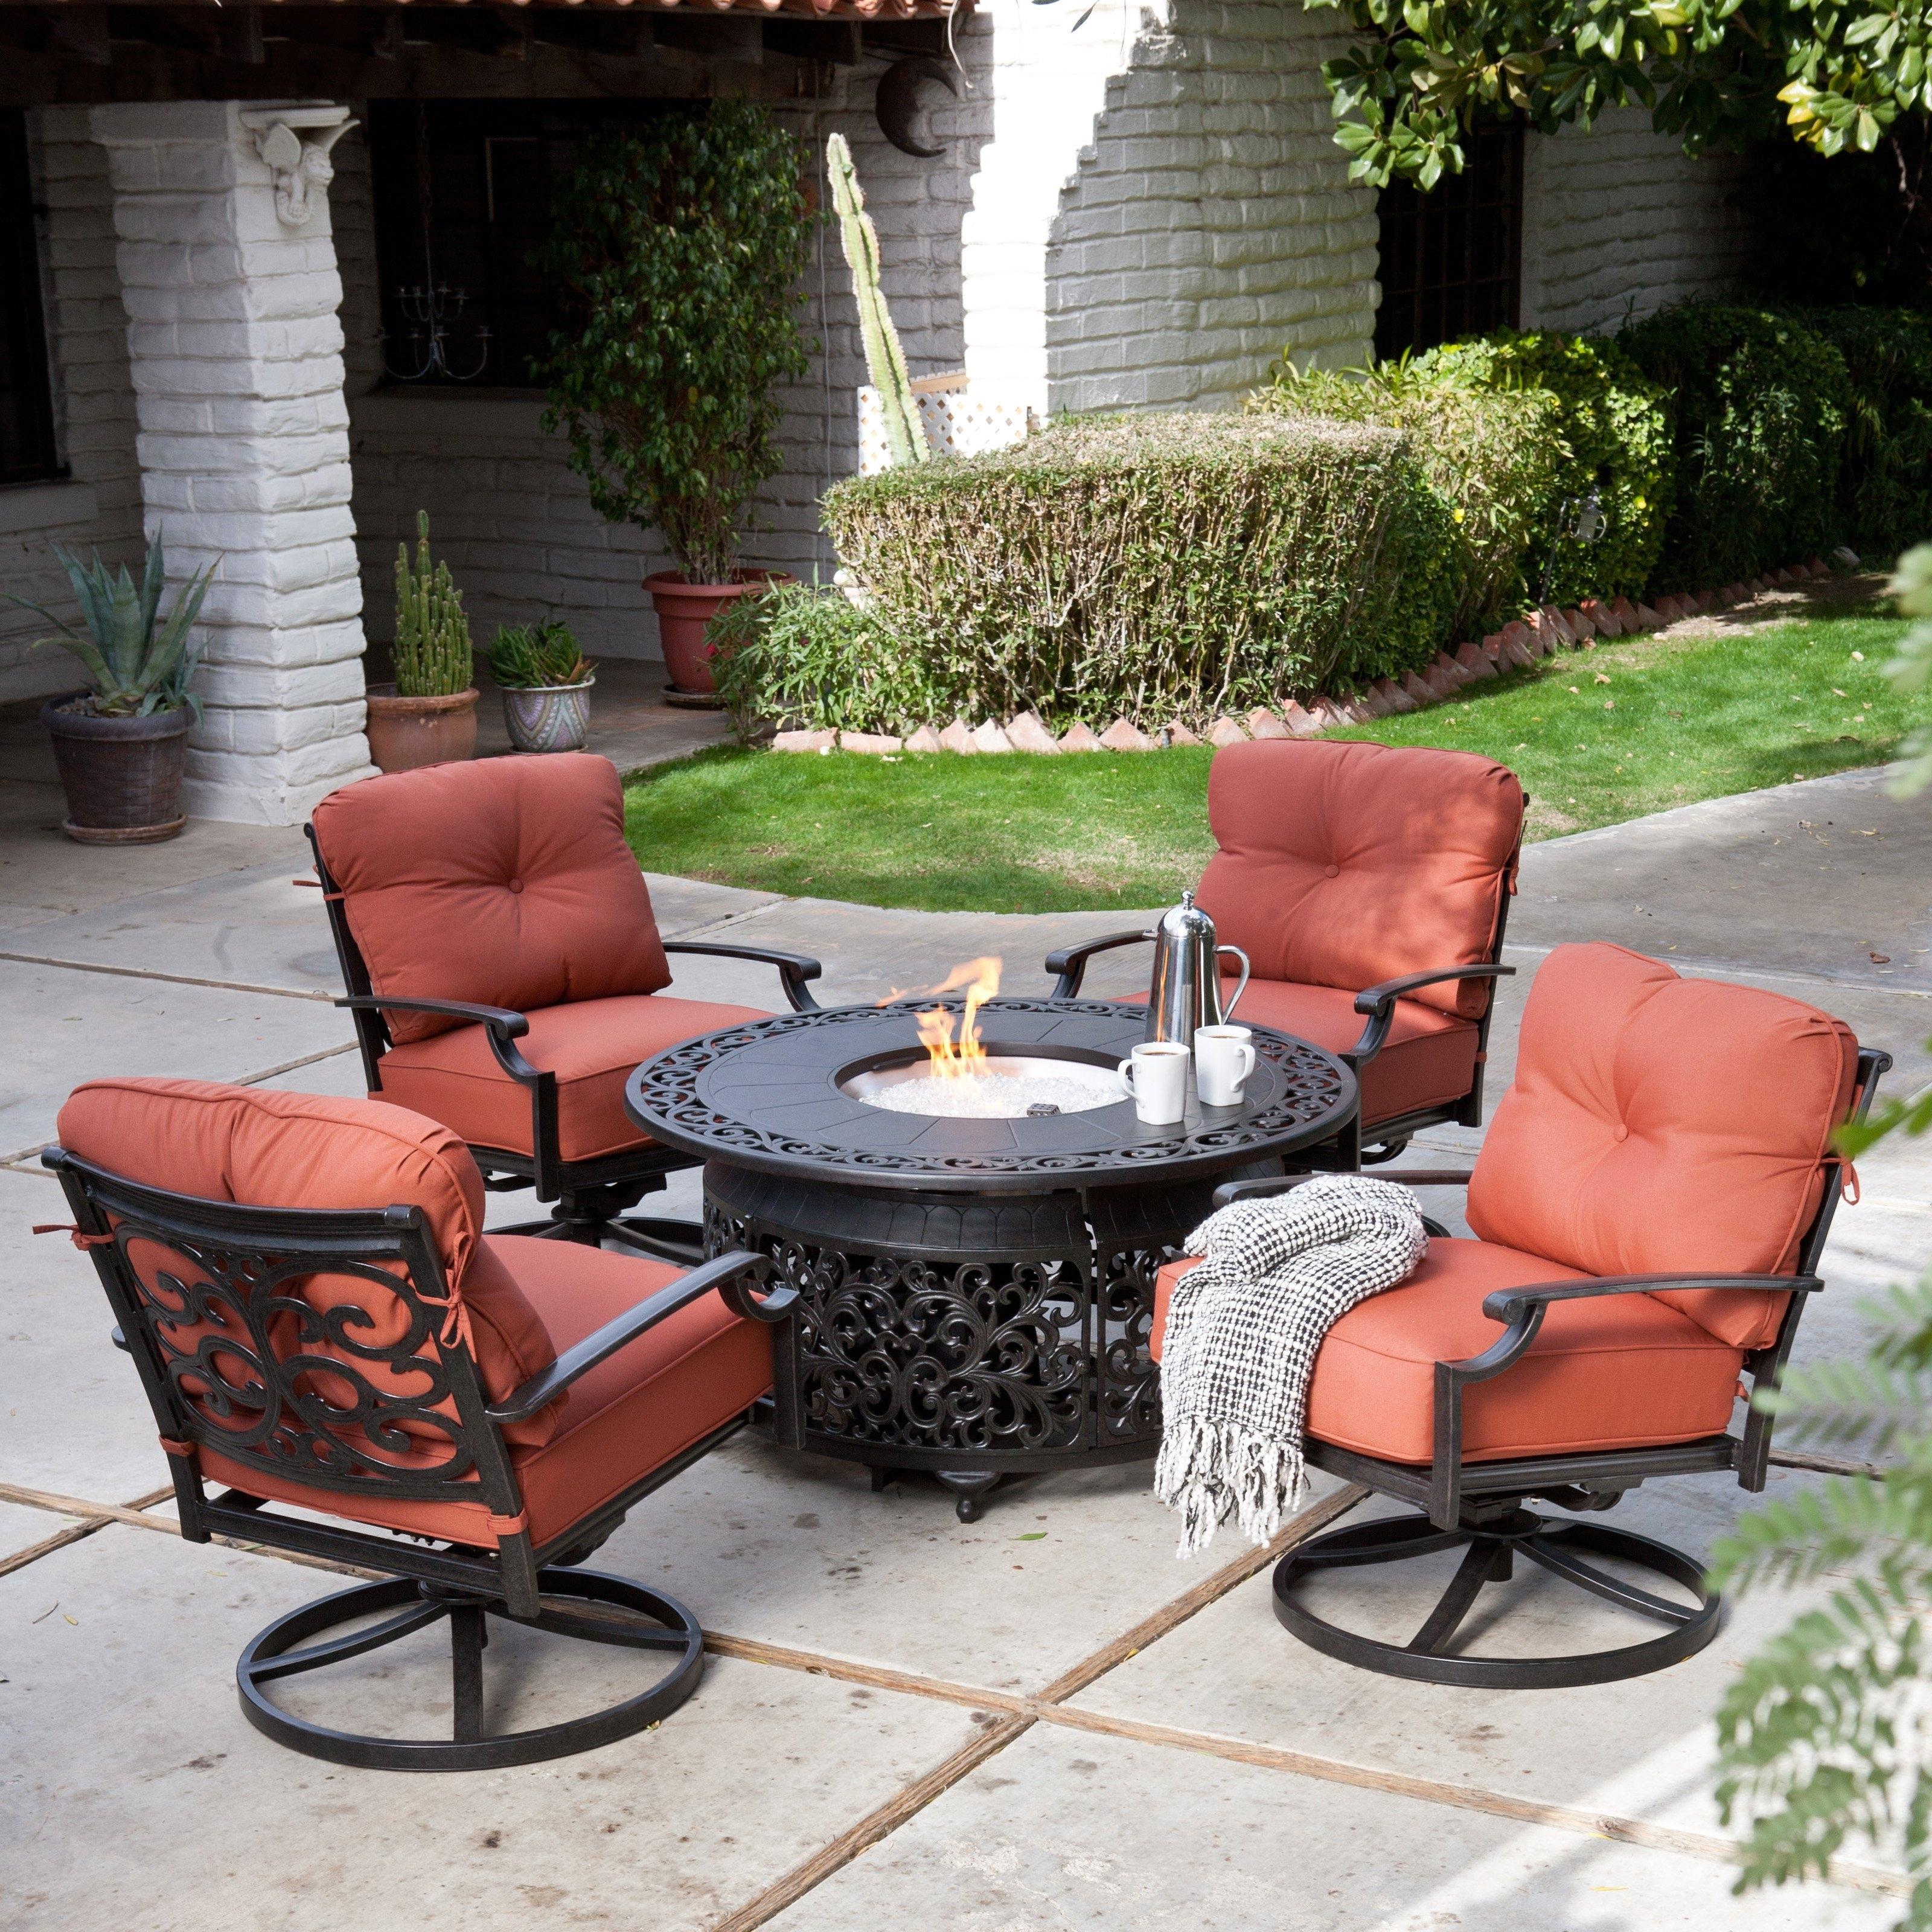 Famous Patio Furniture Conversation Sets With Fire Pit Regarding Best Of Fire Pit Conversation Sets Belham Living San Miguel Cast (View 16 of 20)